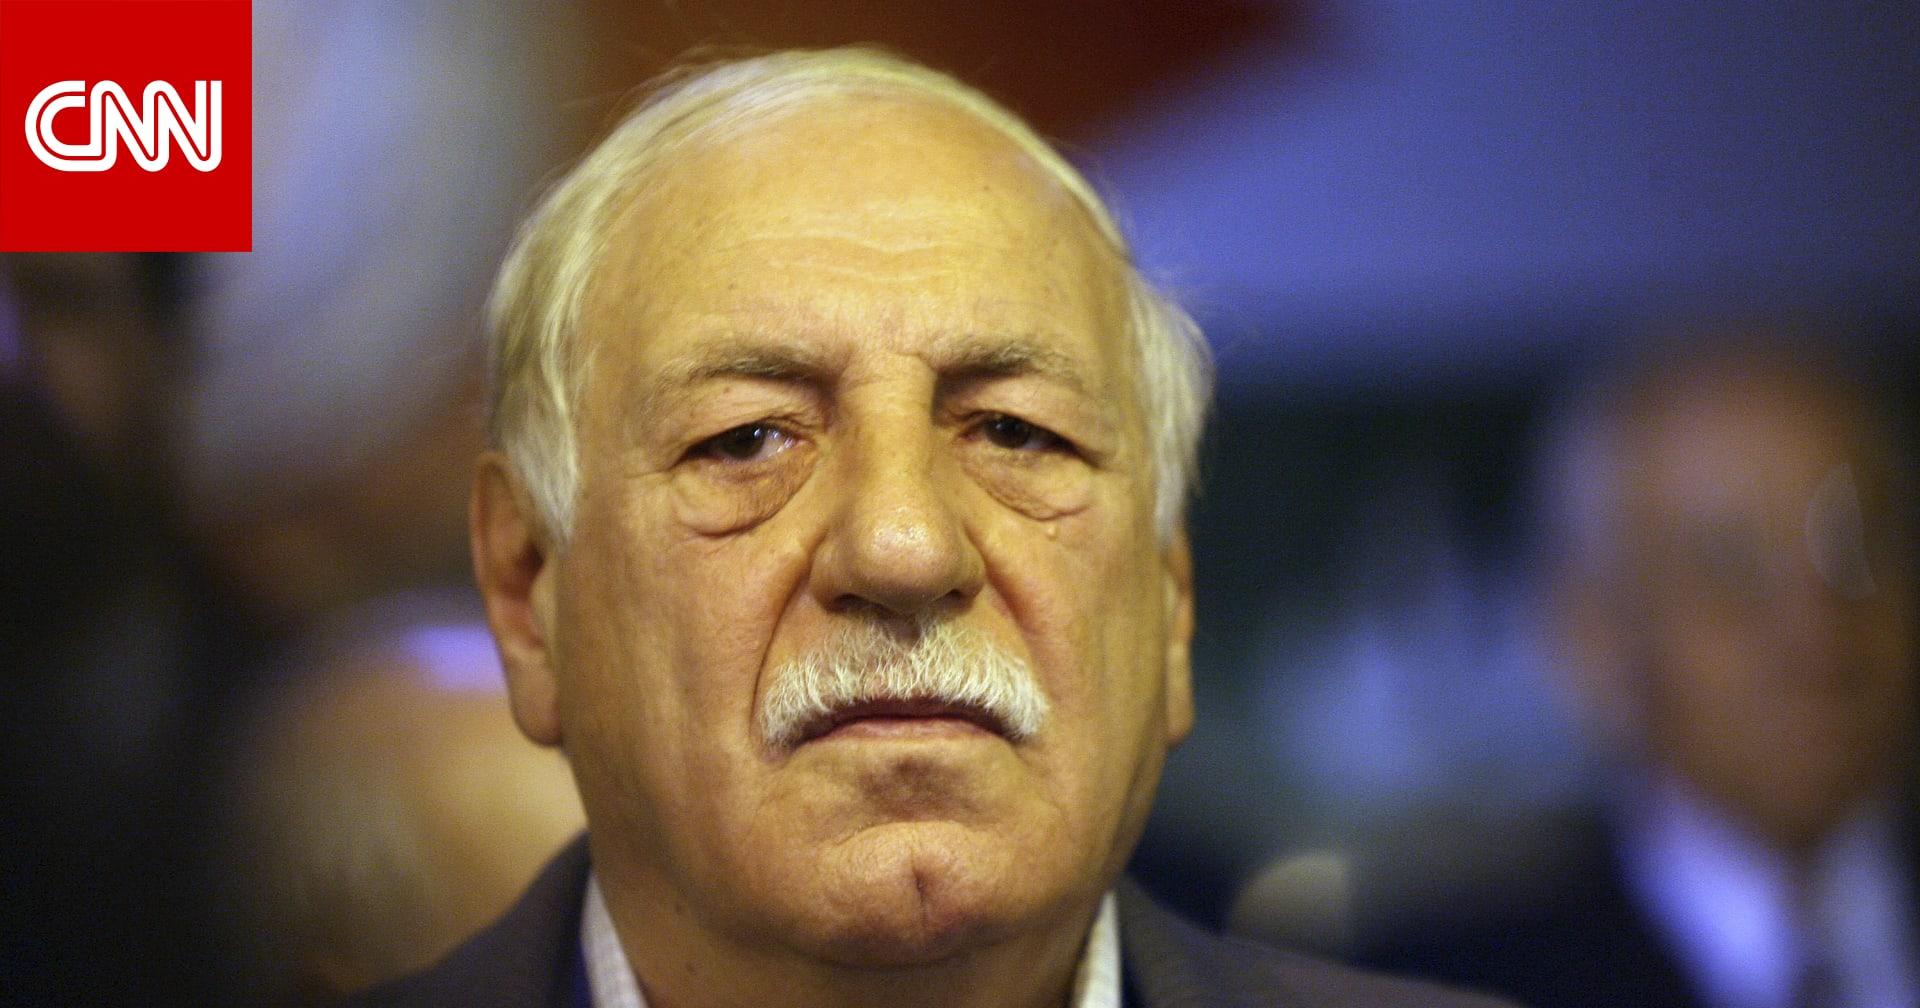 """وفاة مؤسس """"الجبهة الشعبية لتحرير فلسطين"""" أحمد جبريل في دمشق عن عمر يناهز 83 عامًا"""